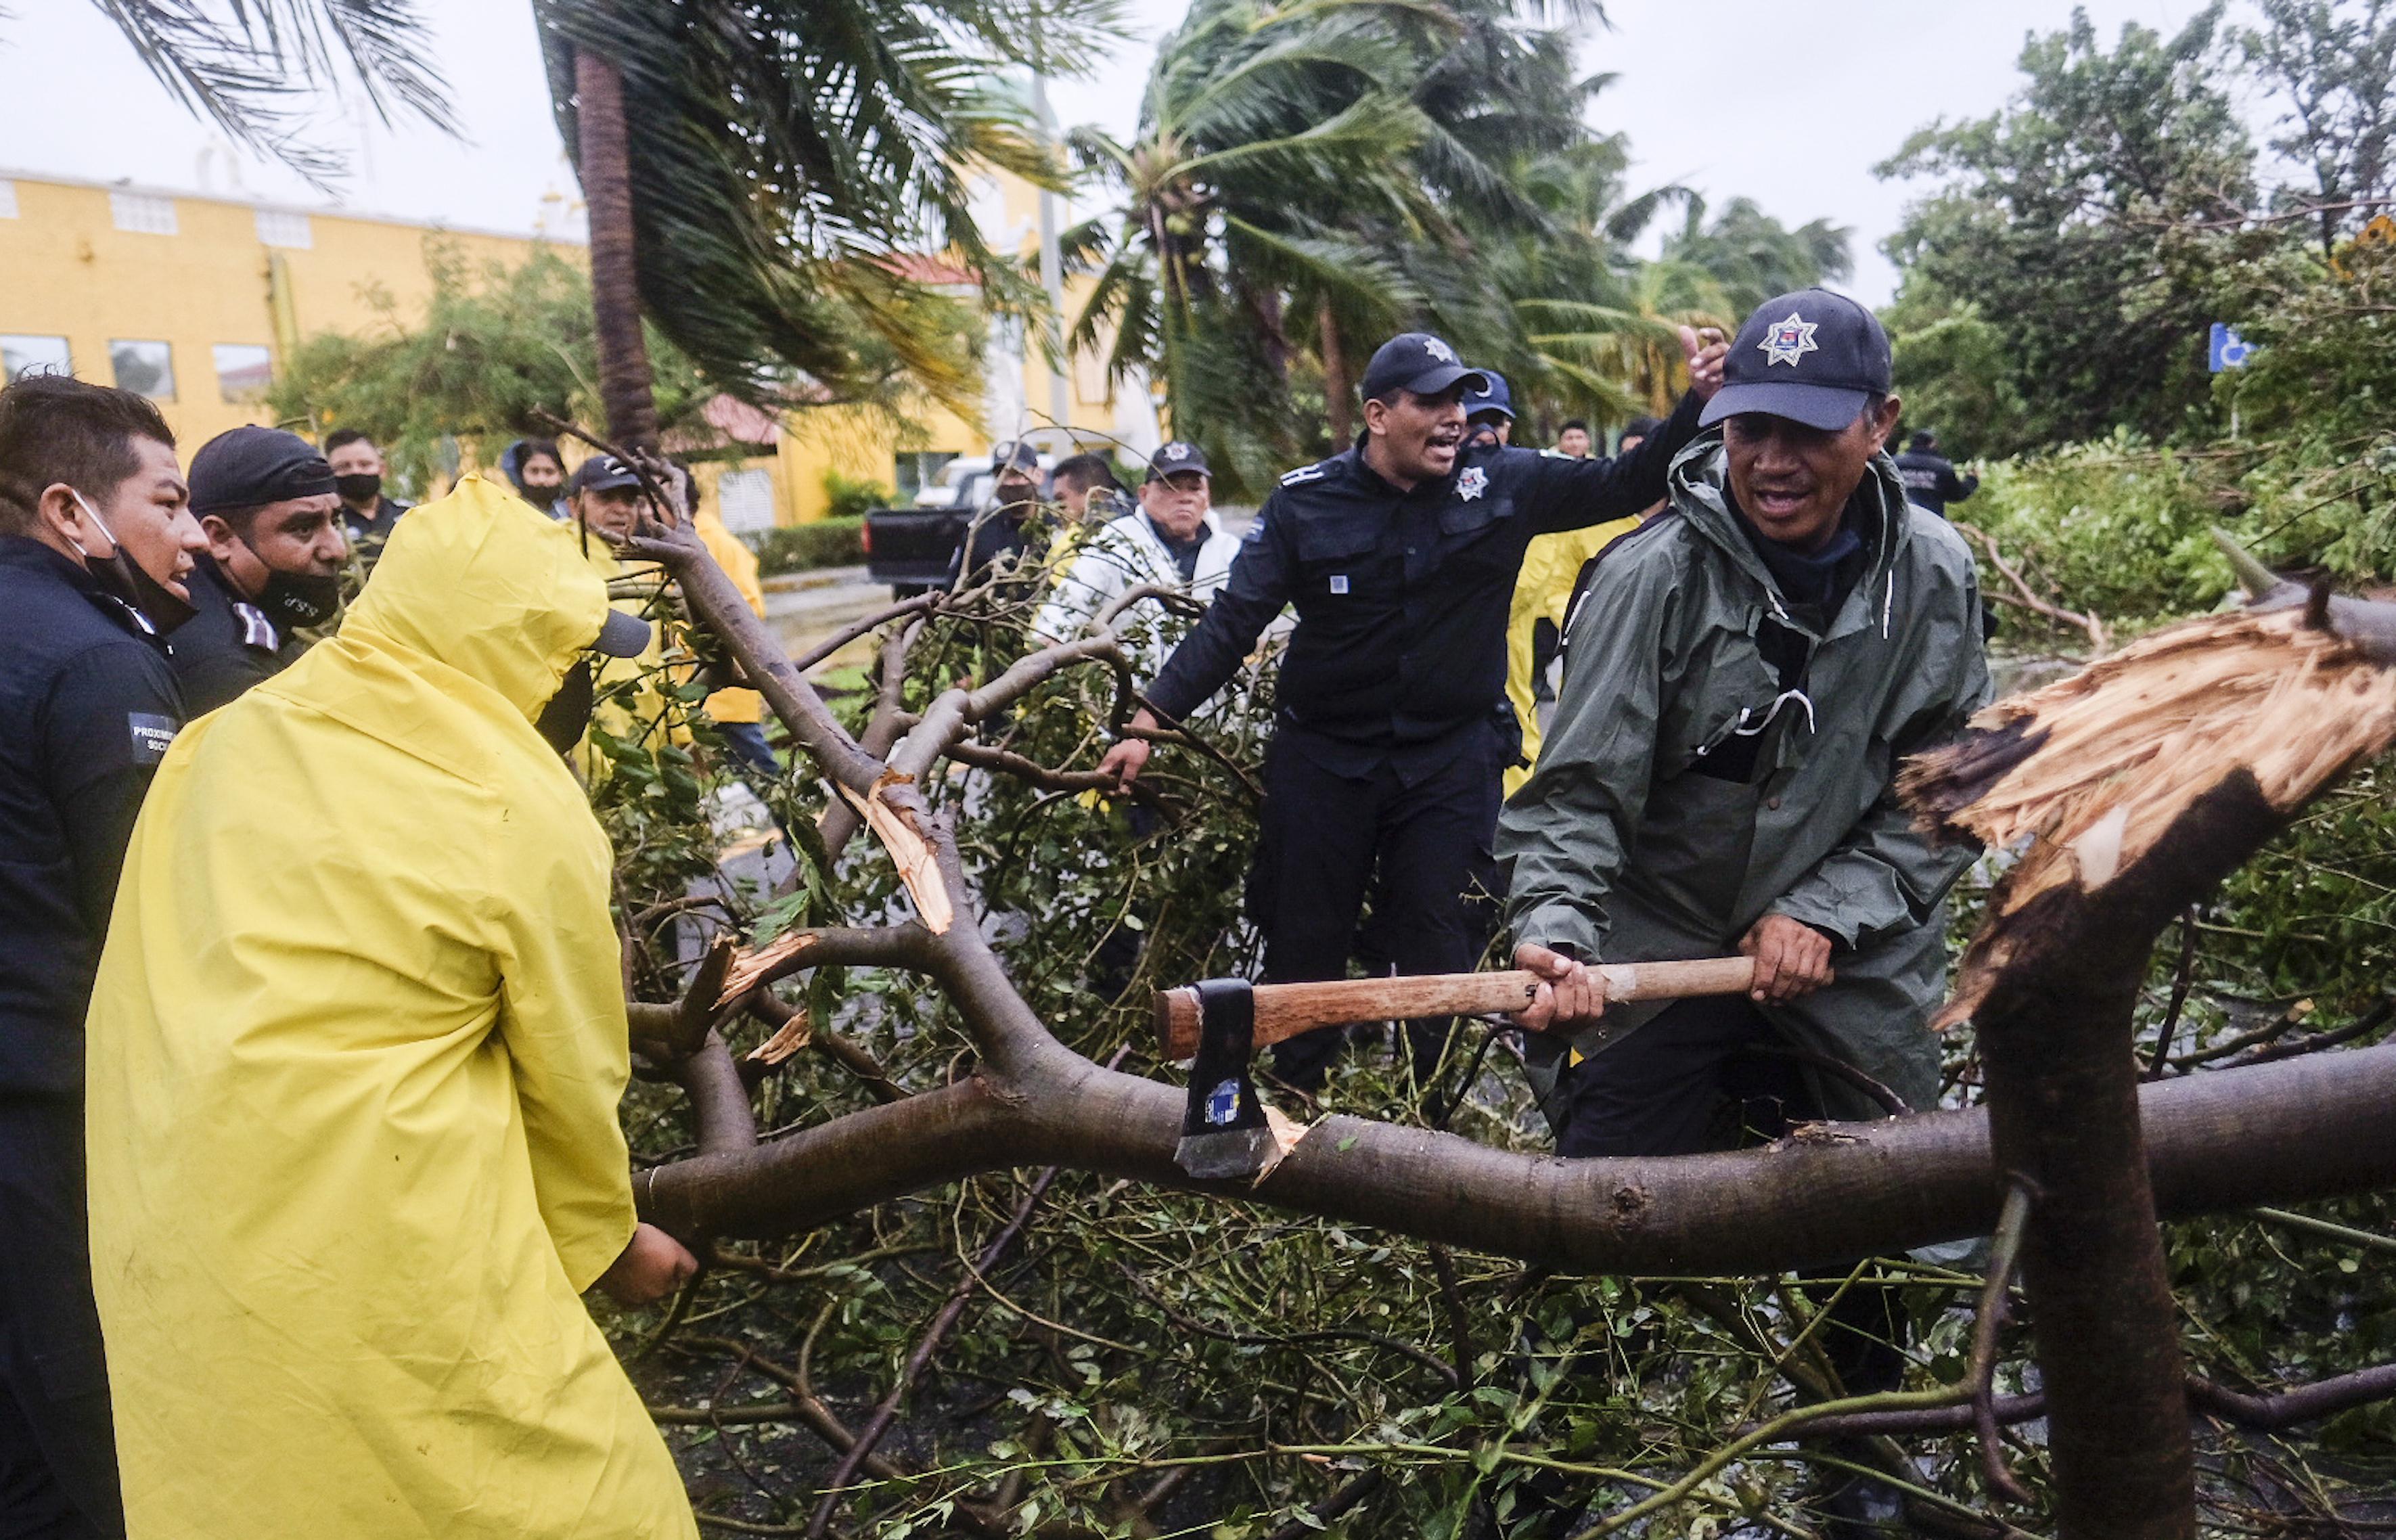 Los bomberos quitan un árbol derribado por el huracán Delta en Cancún, México, el miércoles 7 de octubre de 2020 temprano.